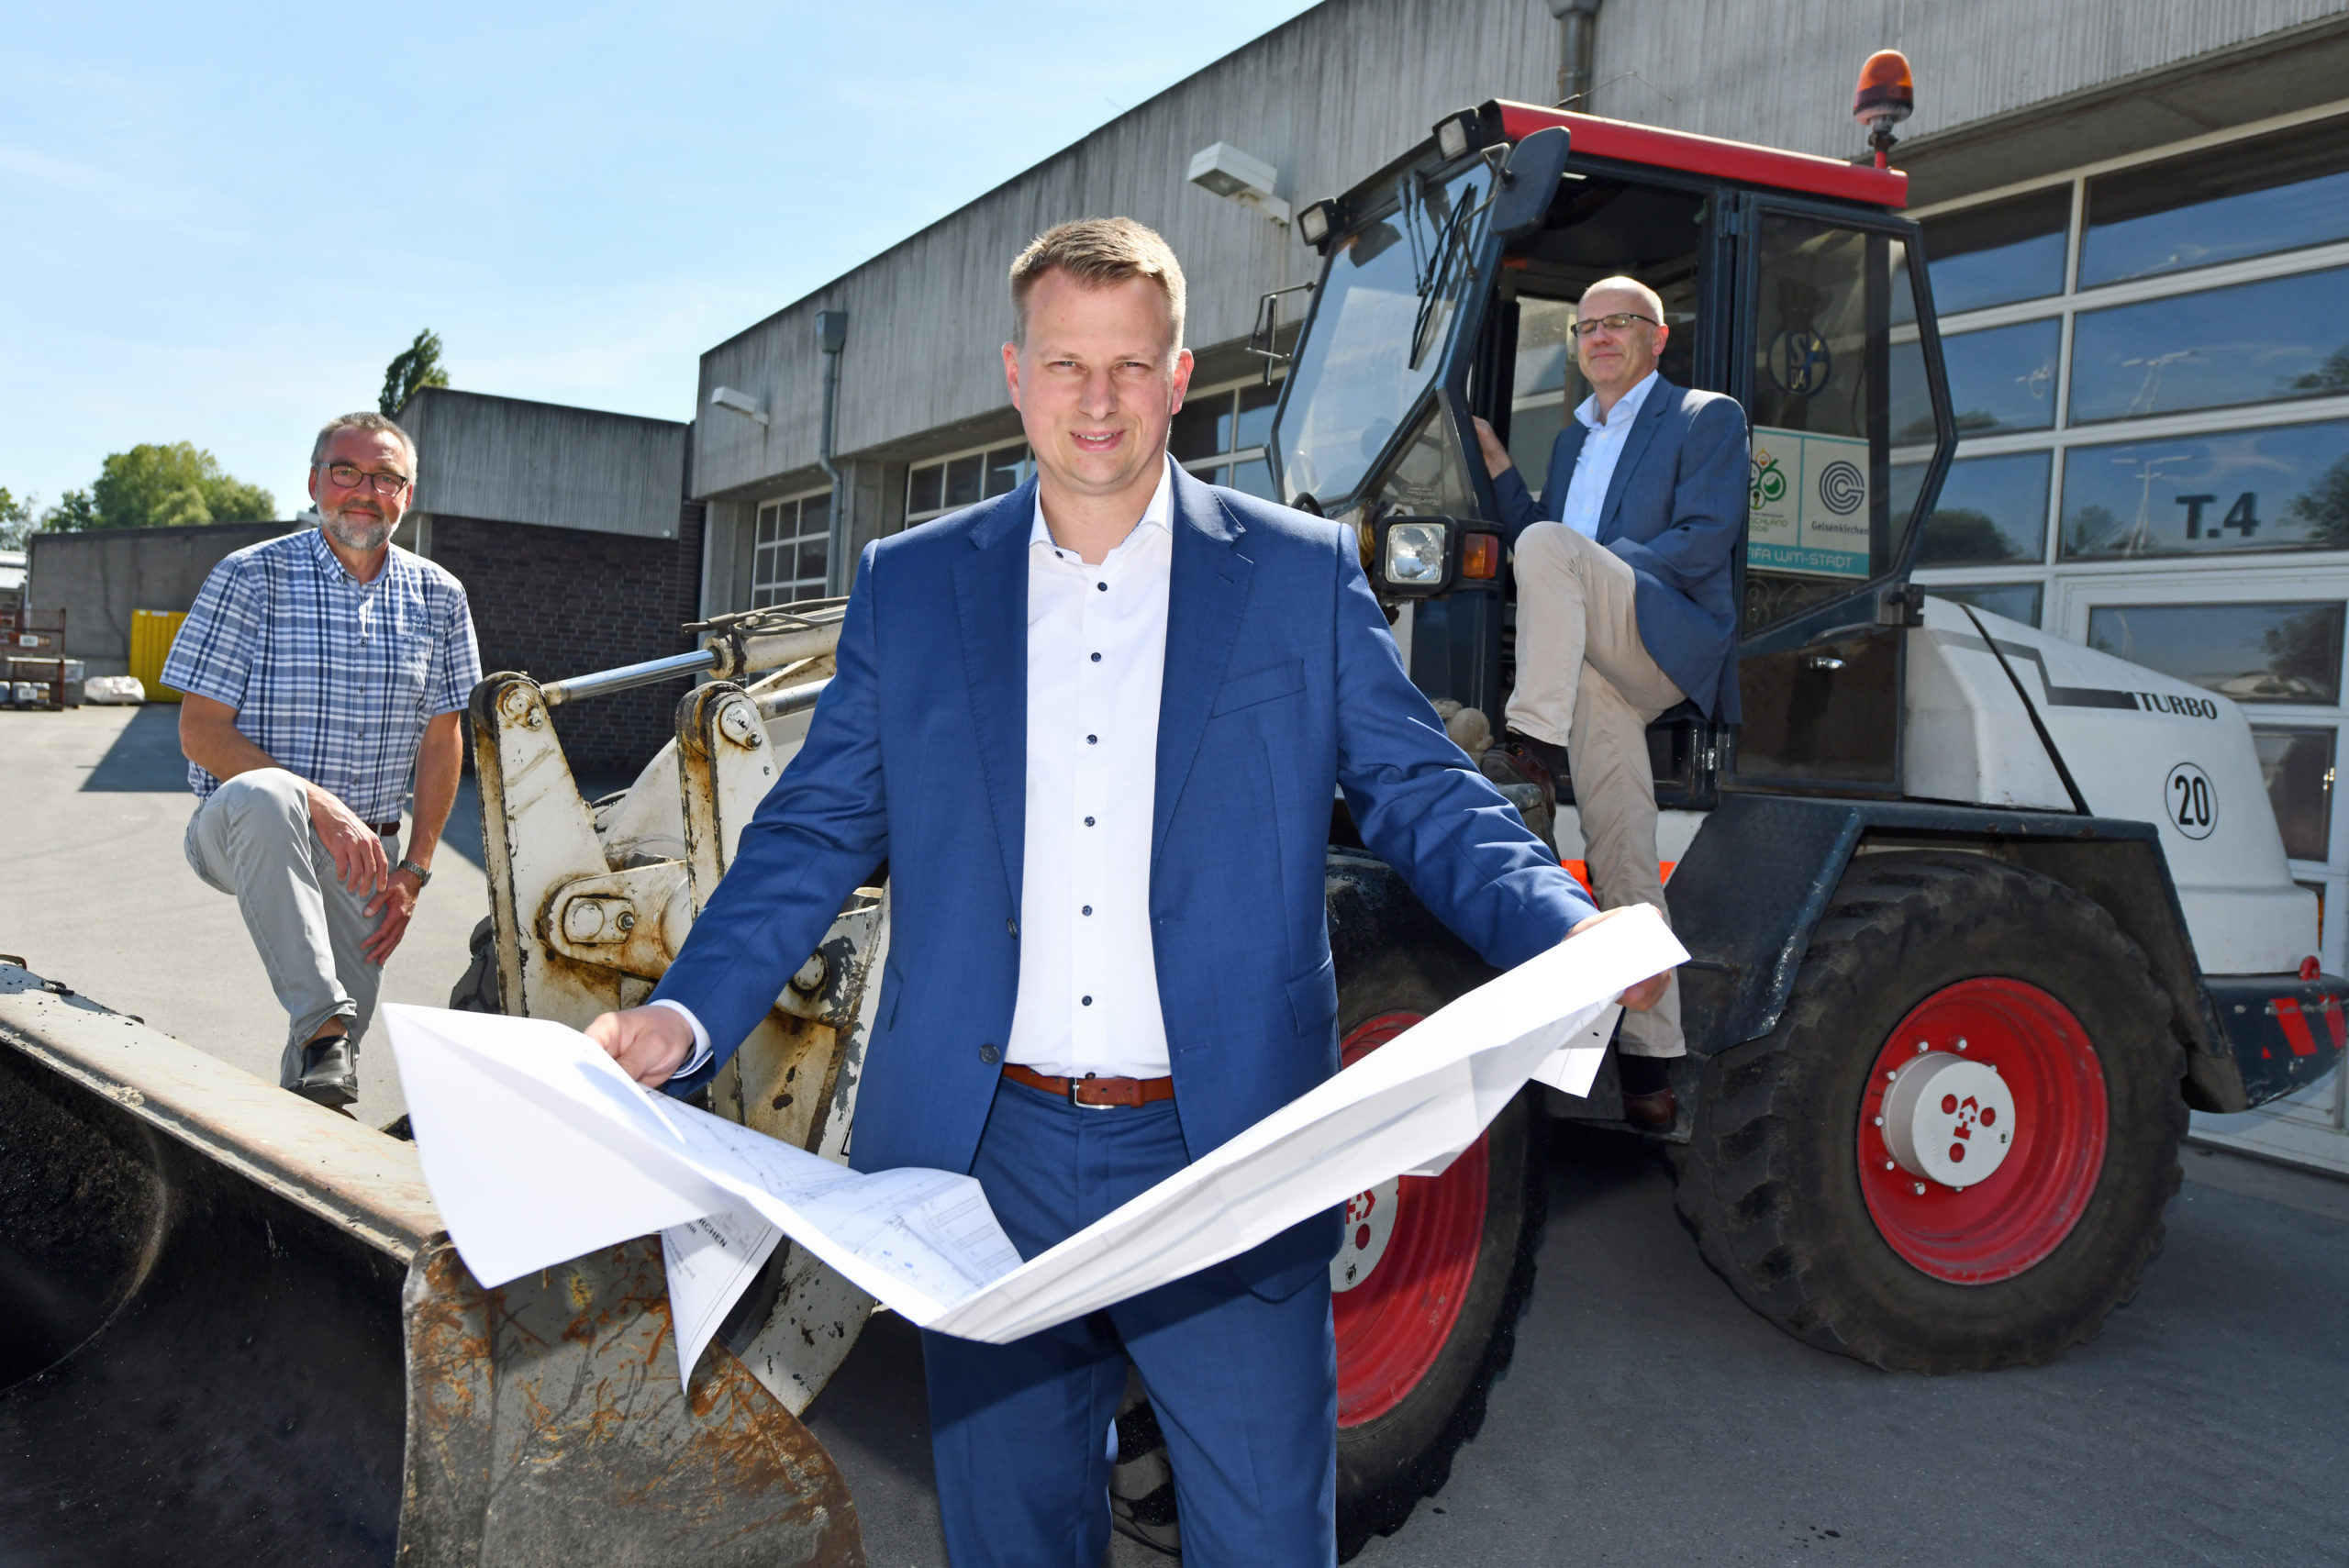 Stadtbaurat Christoph Heidenreich (vorne) präsentierte mit Michael Tappert und Christian Neumann (r.) das Bauprogramm 2021. –Foto: Joachim Kleine-Büning